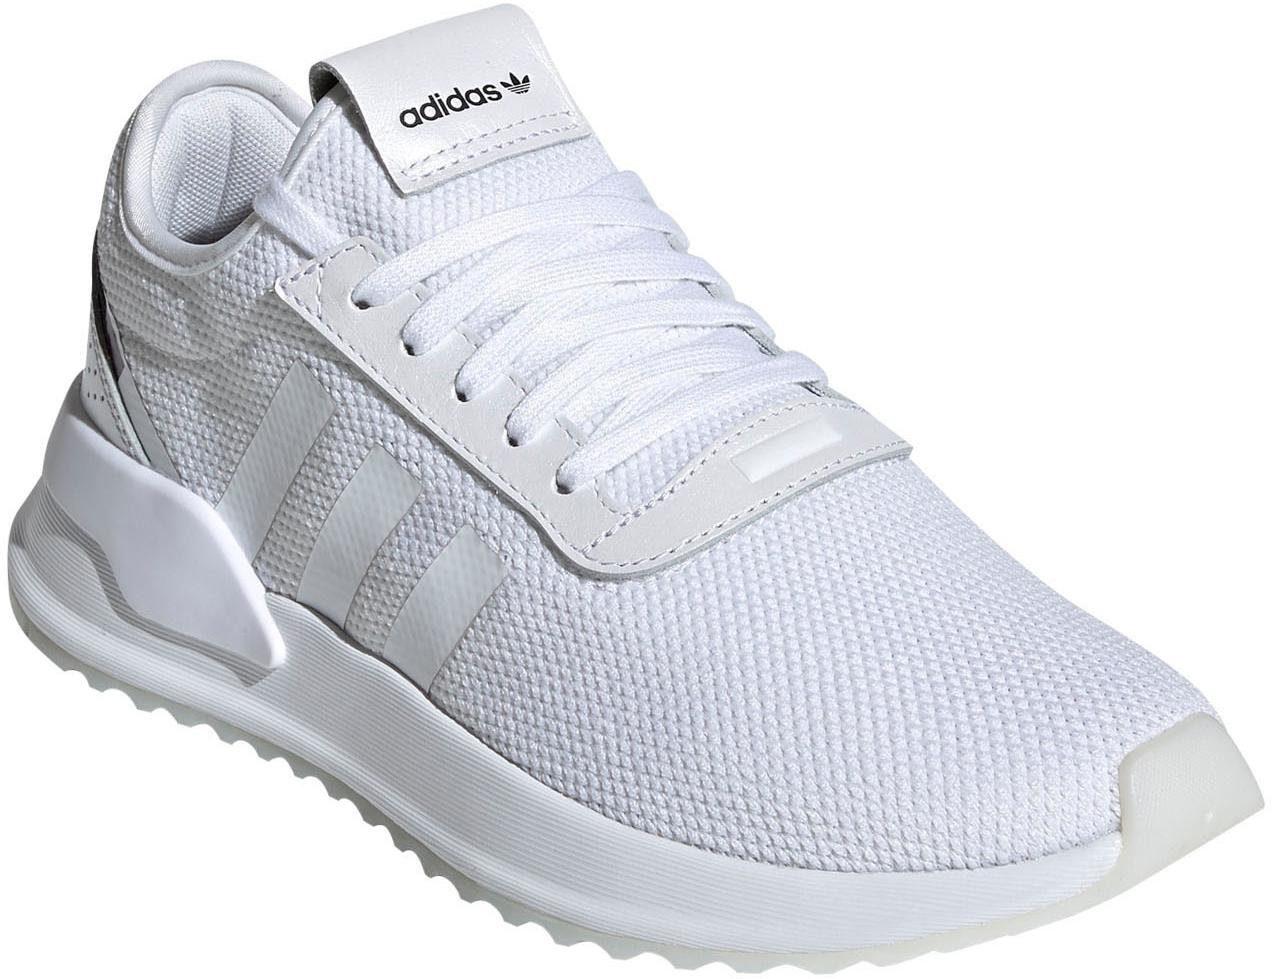 adidas Originals »U_PATH X W« Sneaker kaufen   OTTO